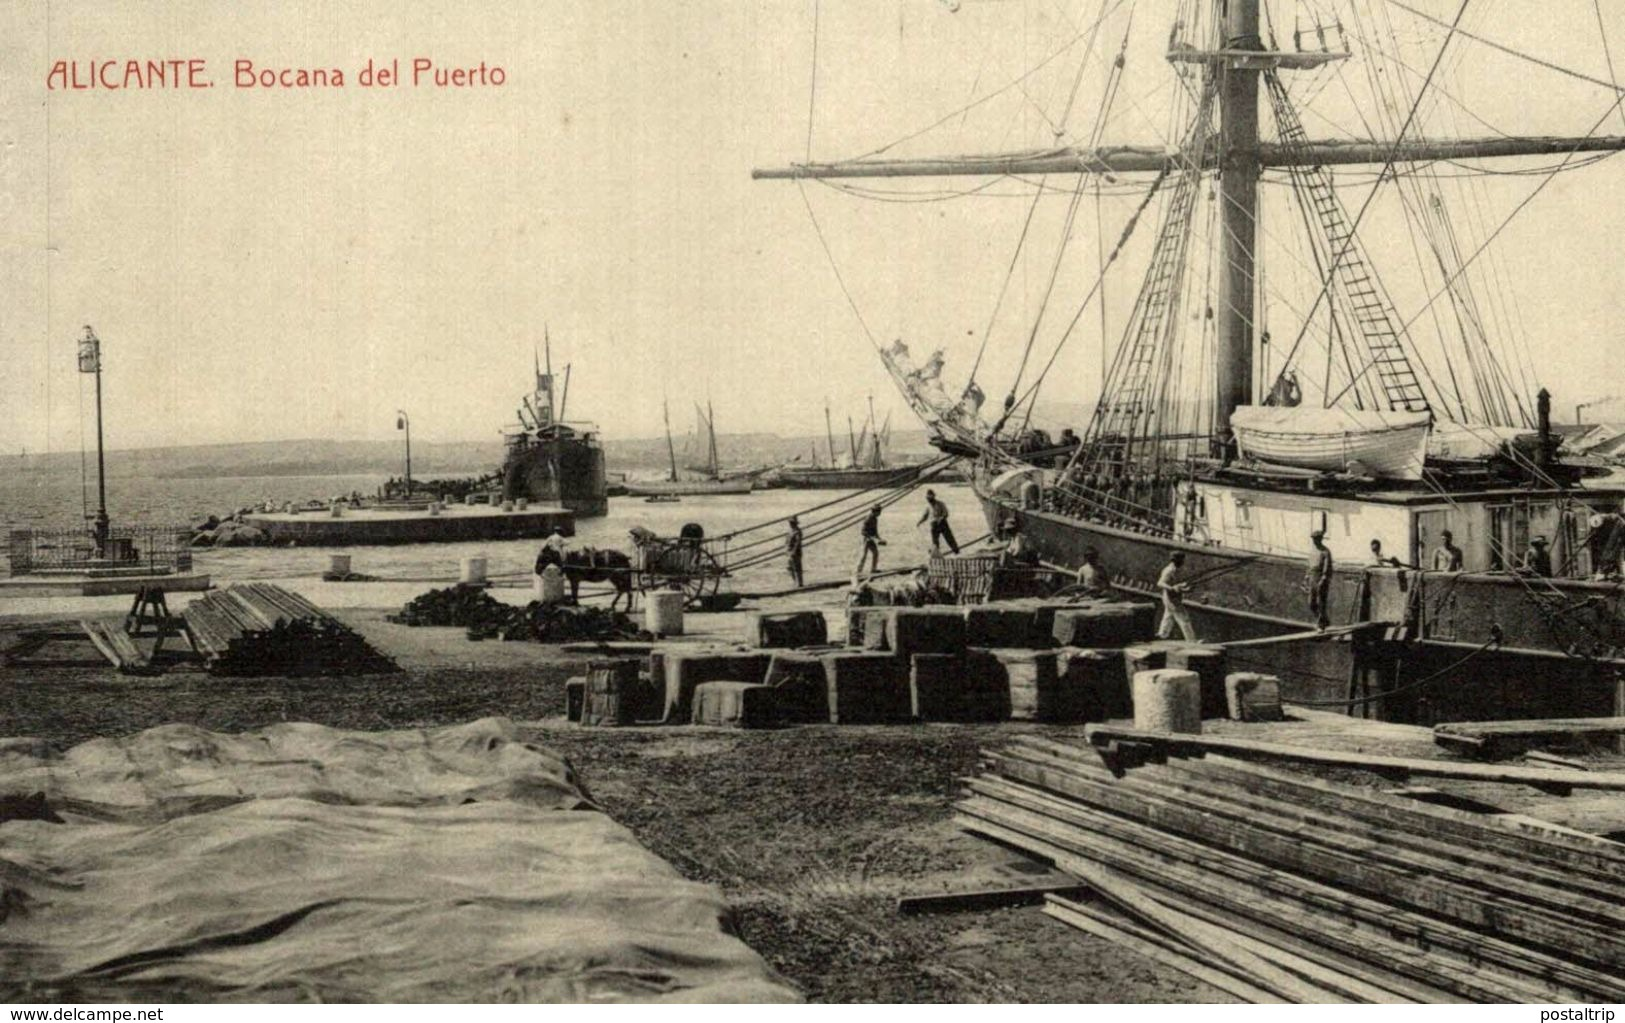 ALICANTE , BOCANA DEL PUERTO - Alicante